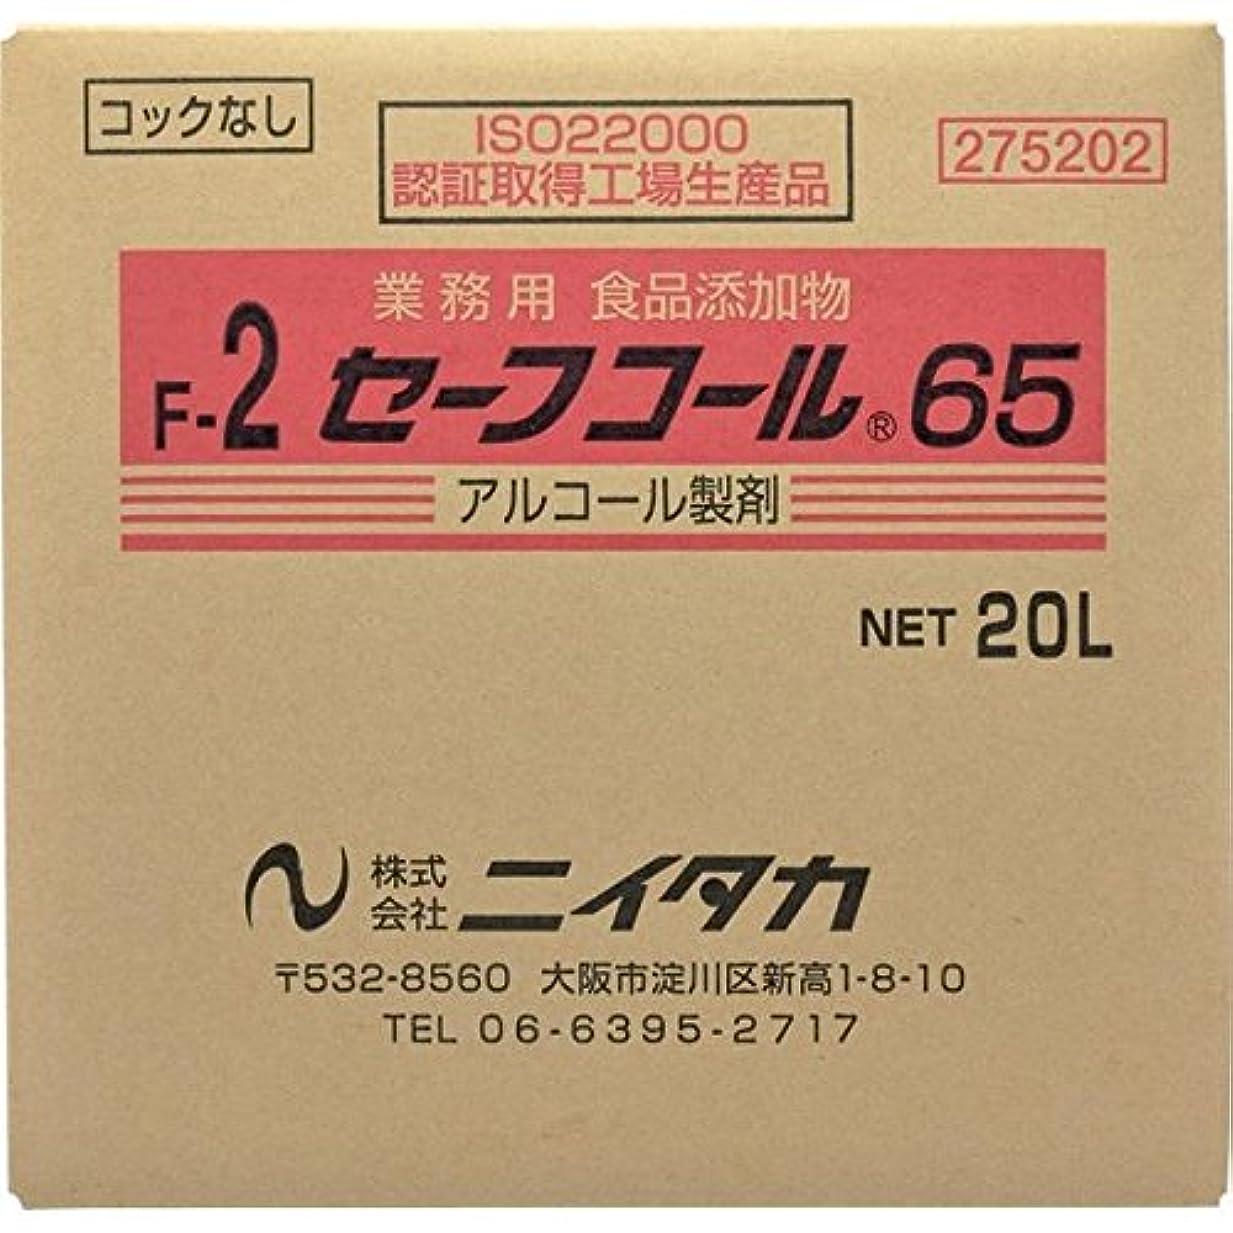 特定の公演ハーフニイタカ:セーフコール65(F-2) 20L(BIB) 275202